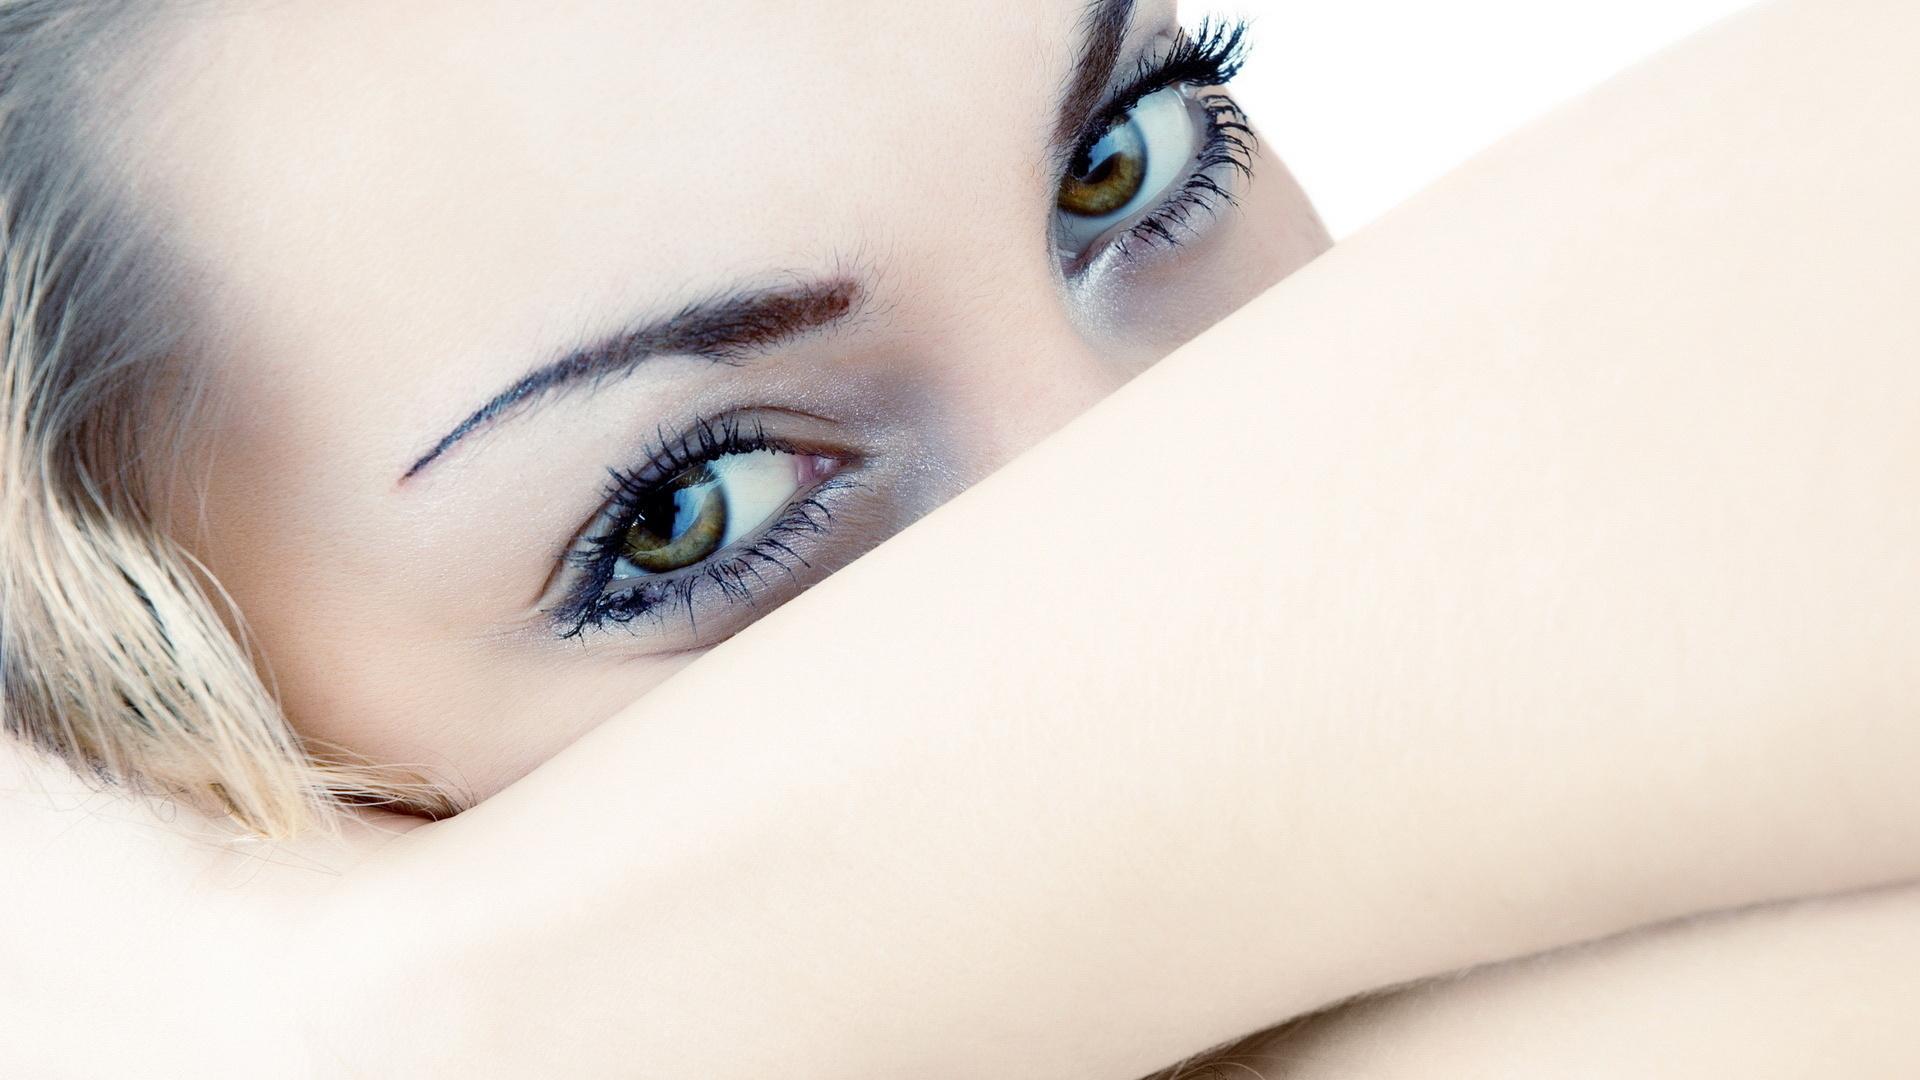 Открытка, открытки девушке с красивыми глазами